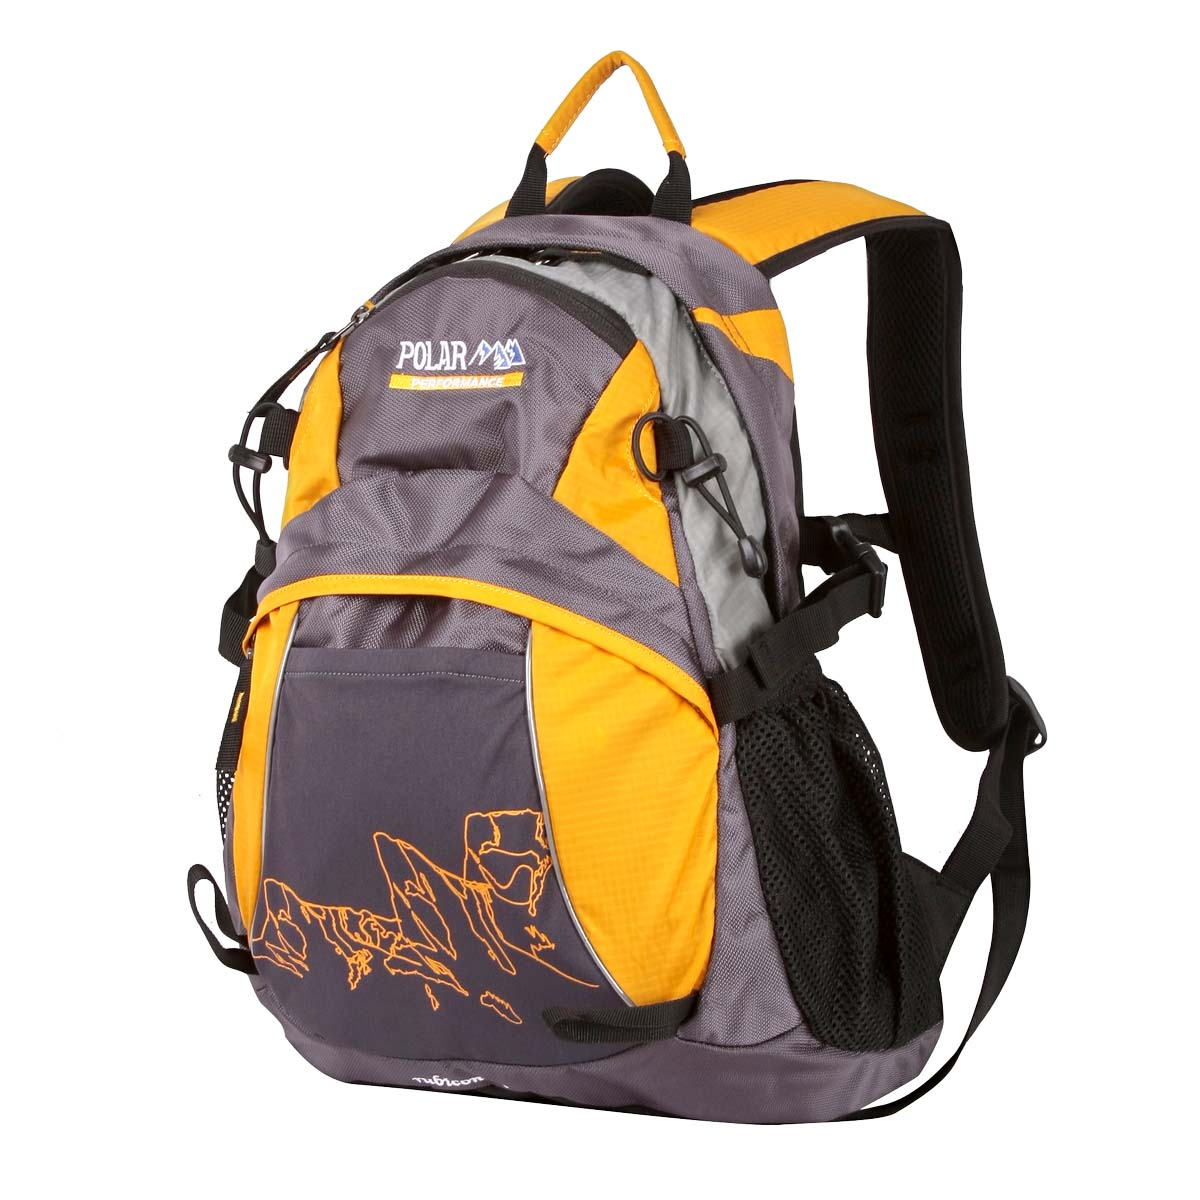 Рюкзак городской Polar, 21,5 л, цвет: желтый. П1563-03 рюкзак городской polar 21 л цвет синий п955 04 page 9